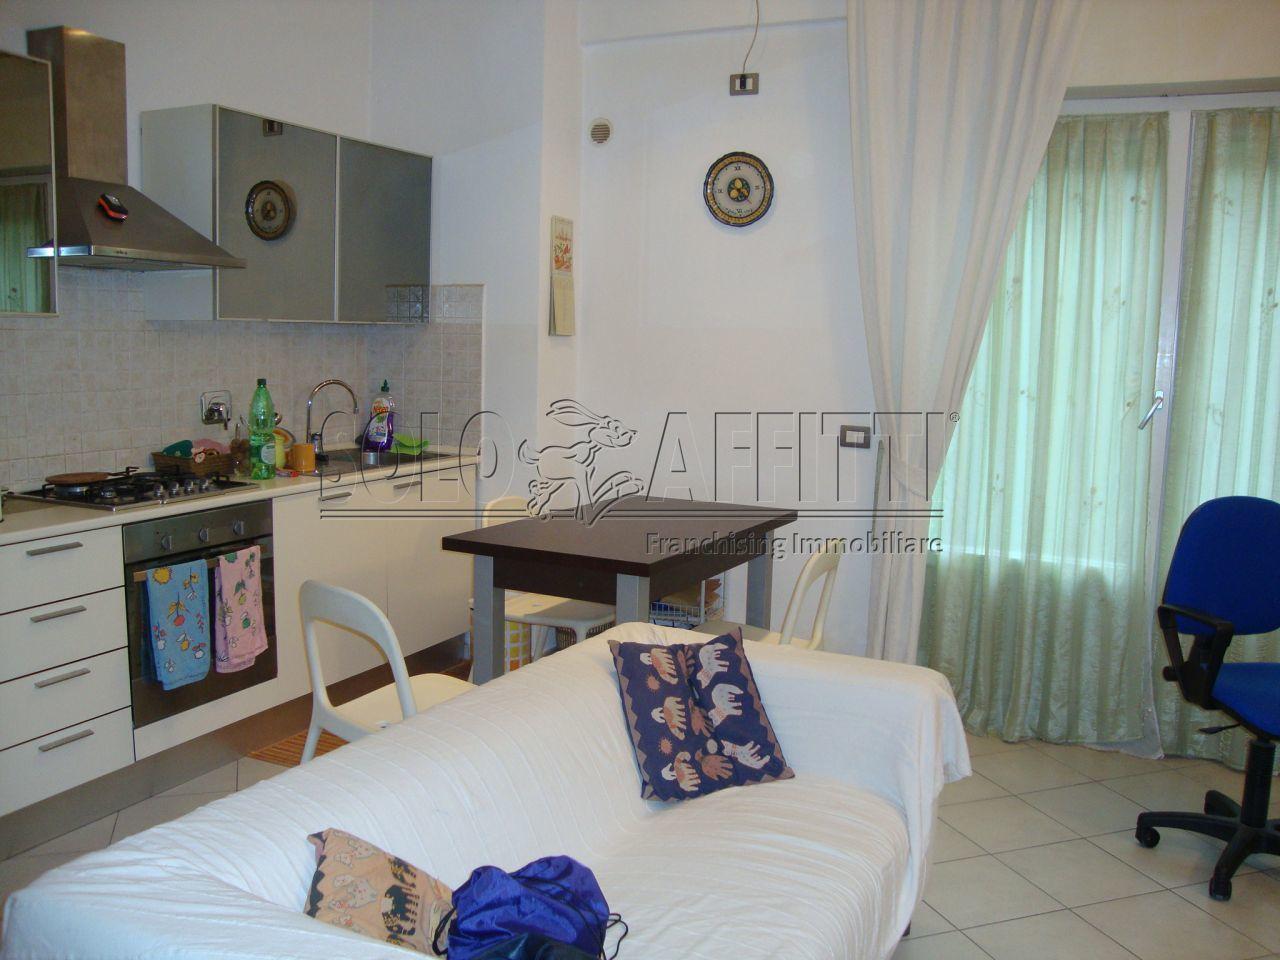 Appartamento - Bilocale a San Prospero, Siena